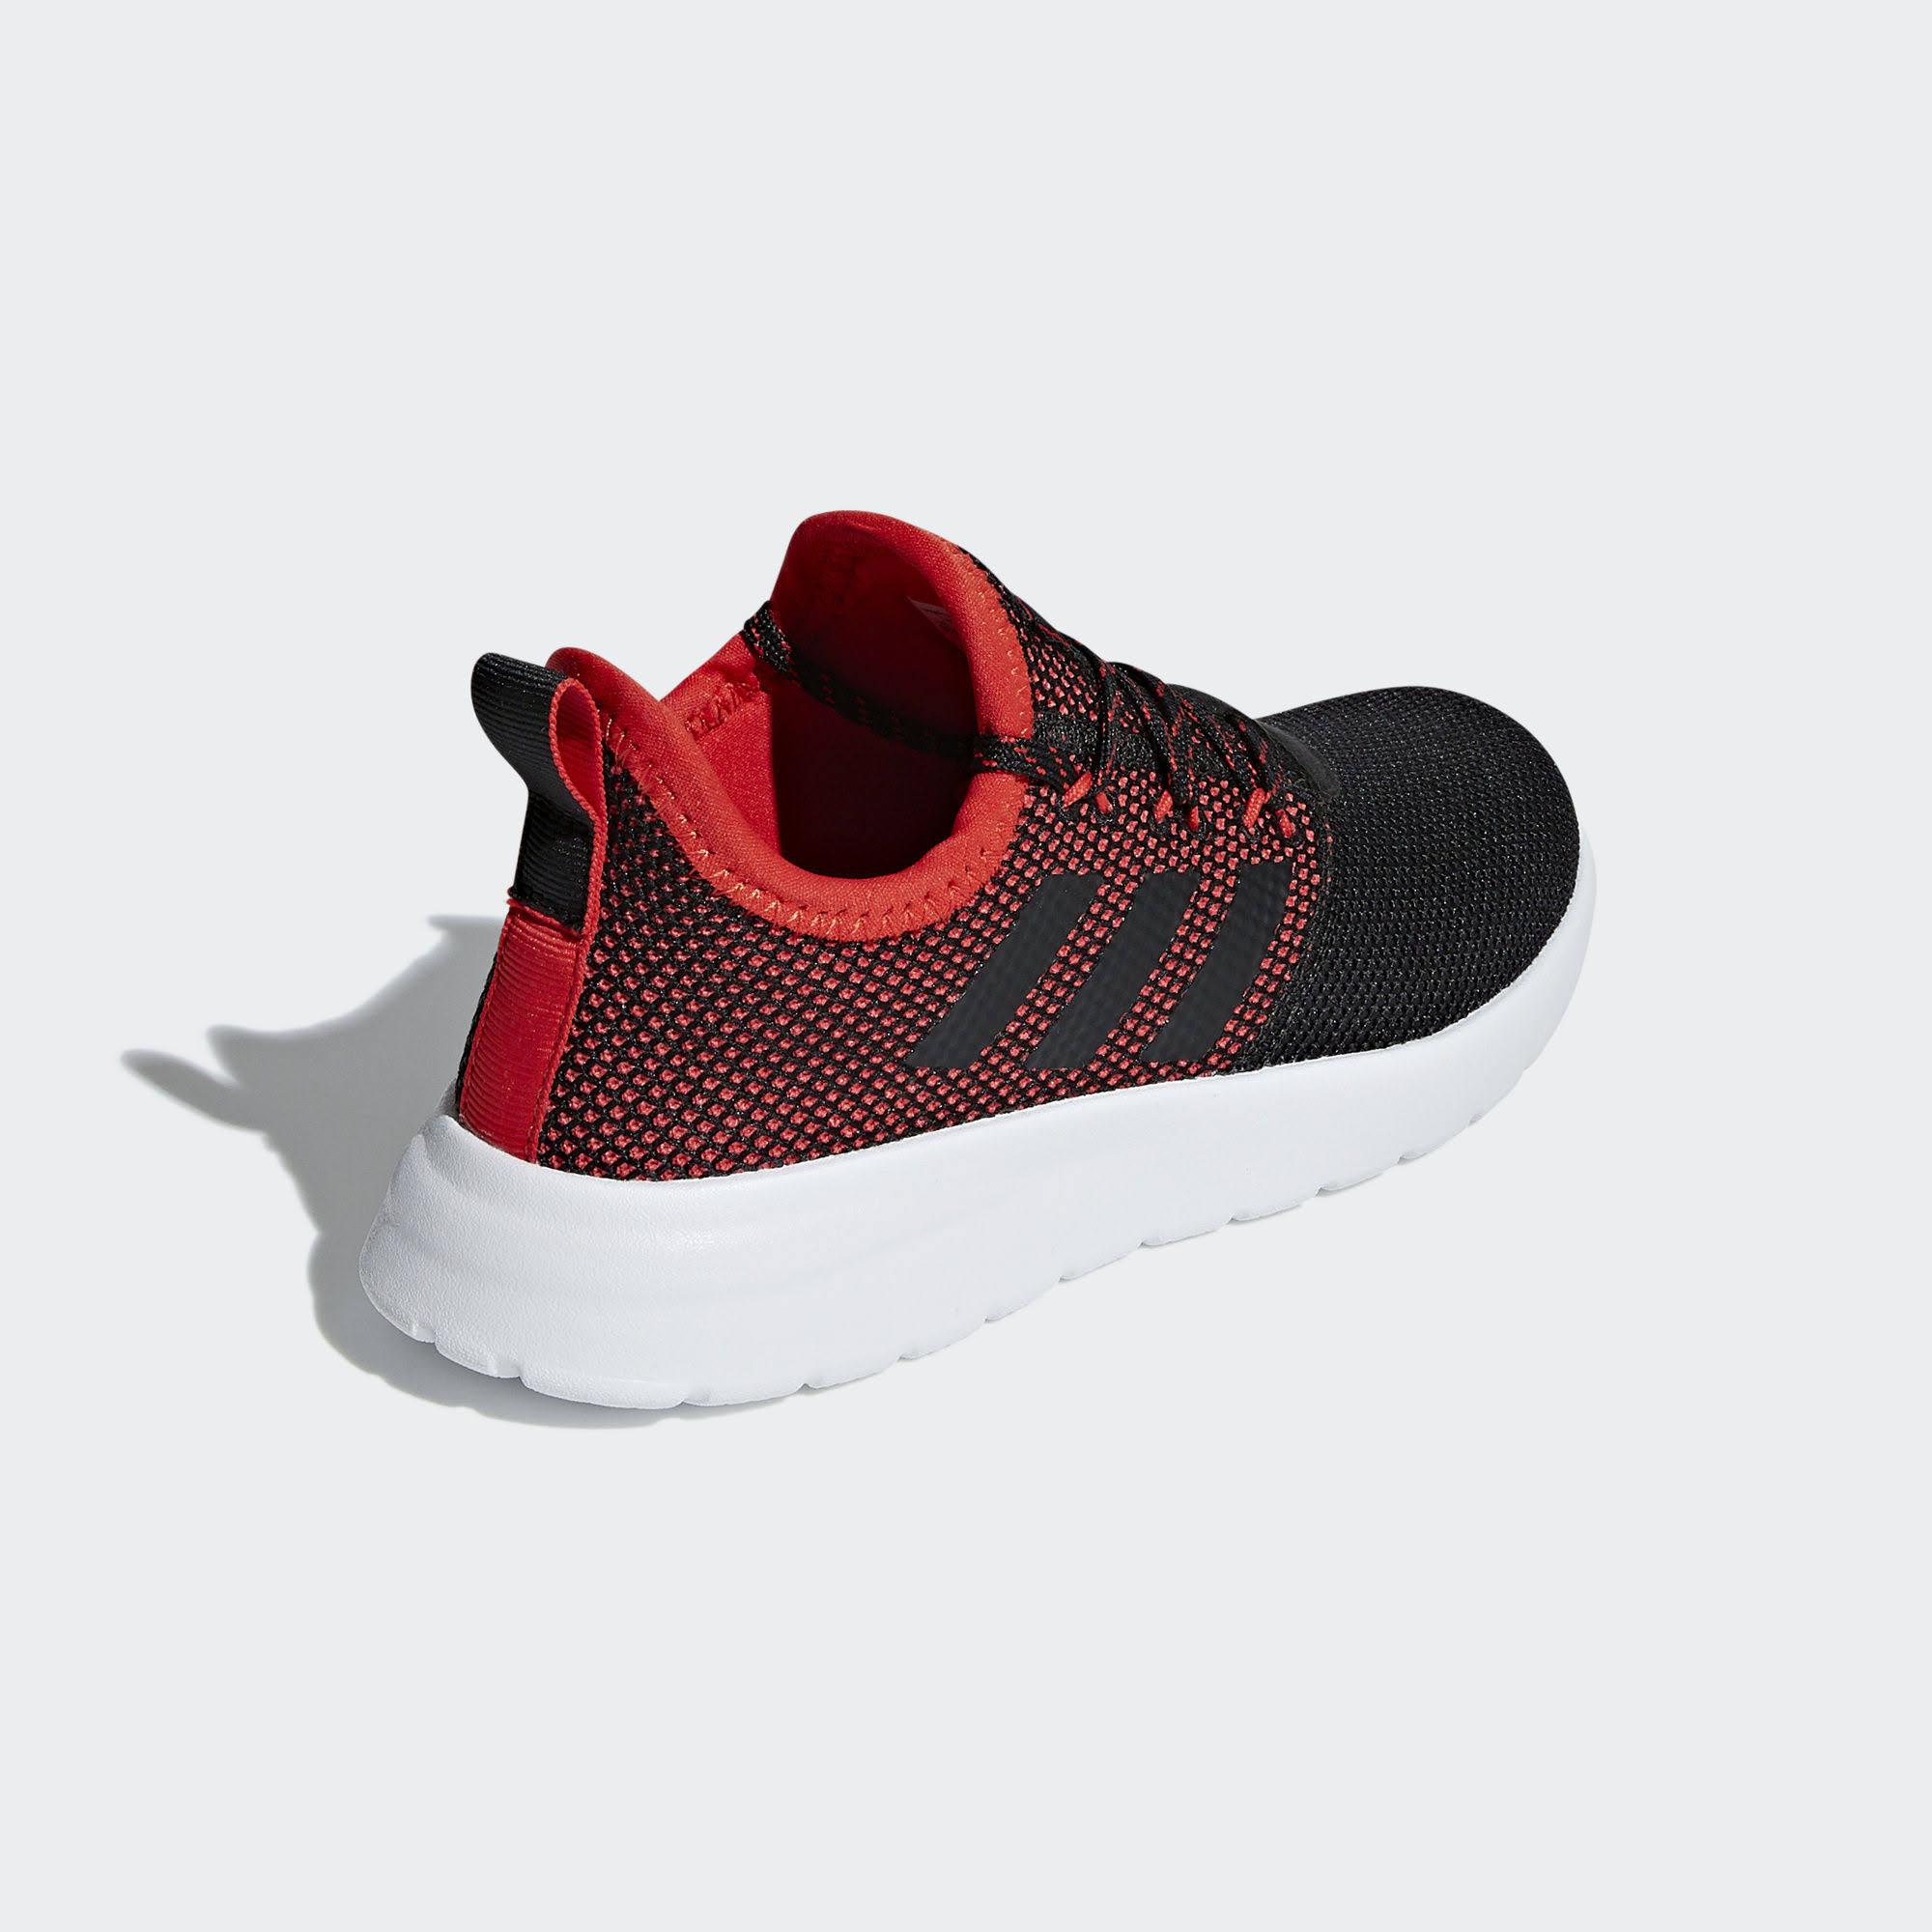 Lite Lite Adidas Reborn Reborn Adidas Racer Racer Tl1JKcF